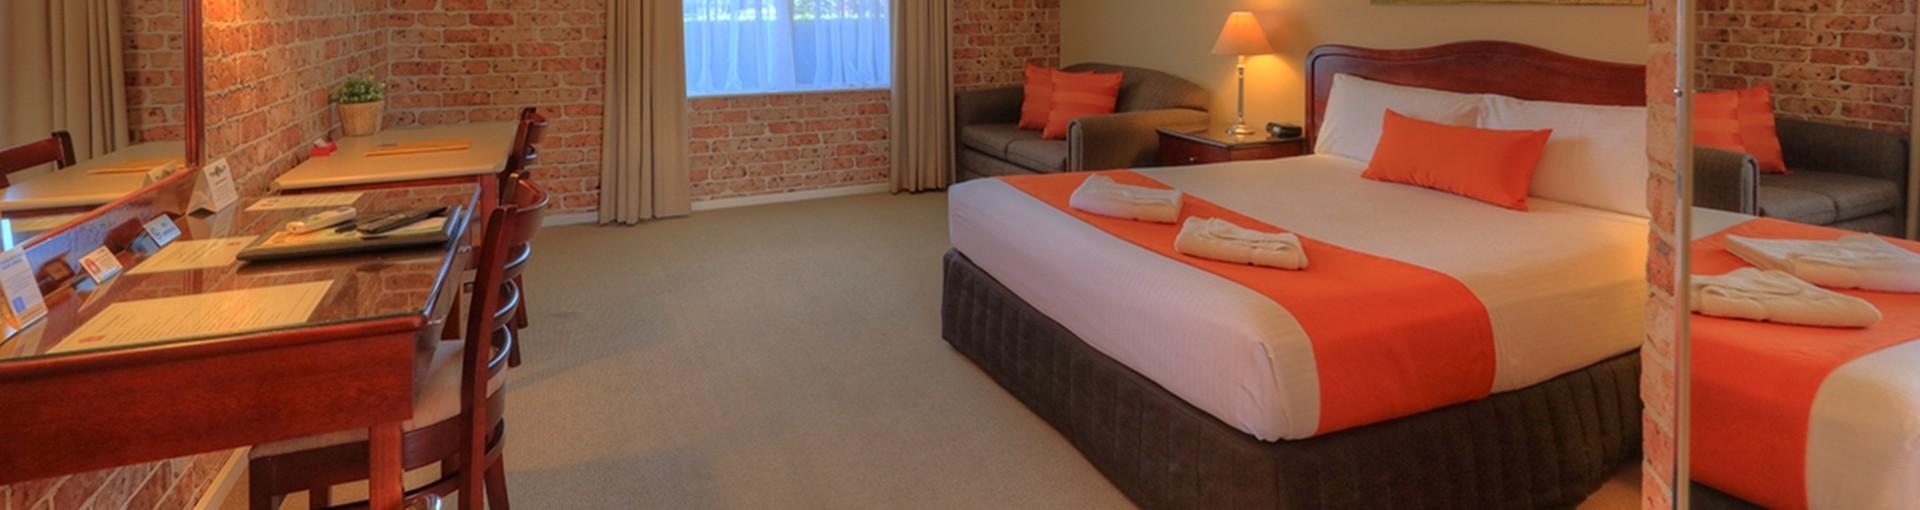 Queen Room - Endeavour Court Motor Inn Dubbo NSW